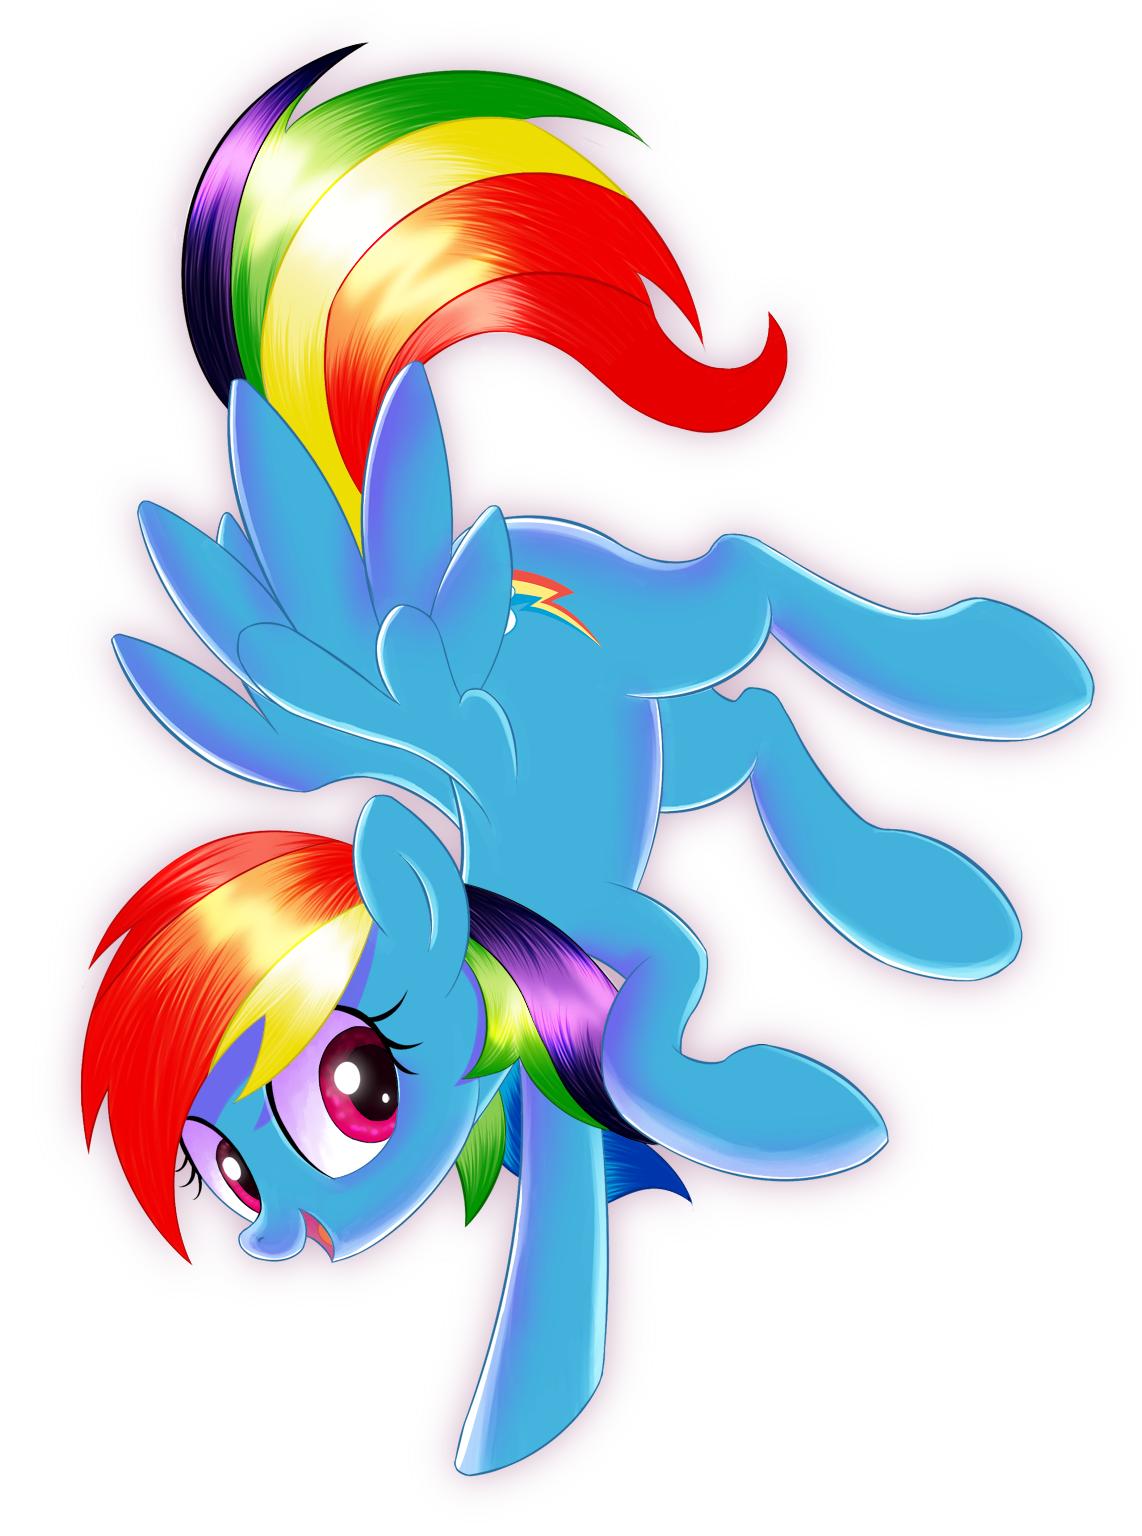 партию картинки пони рейнбоу дэш пусть преобладает, пусть